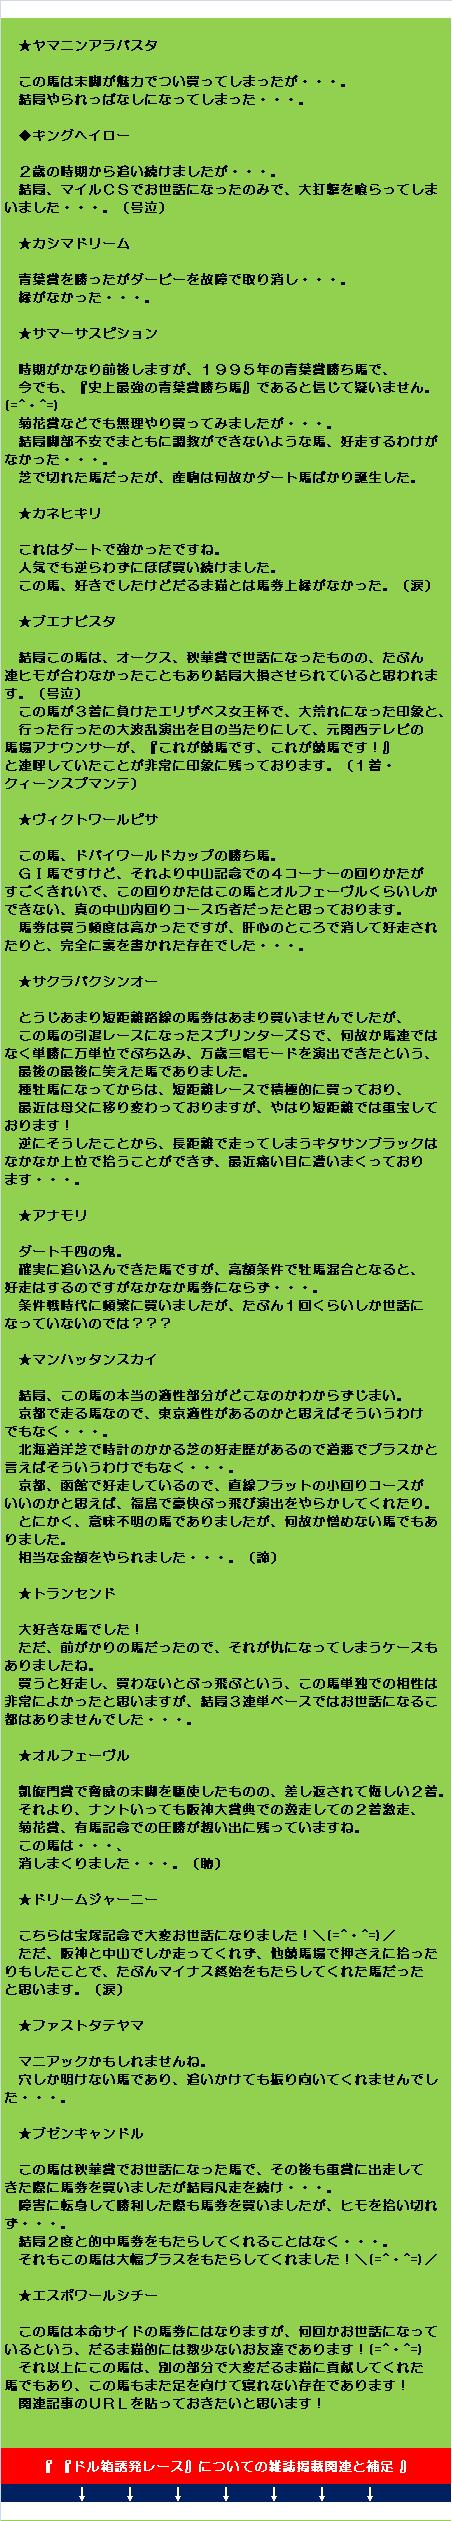 20160507・ブログ記事-13.jpg